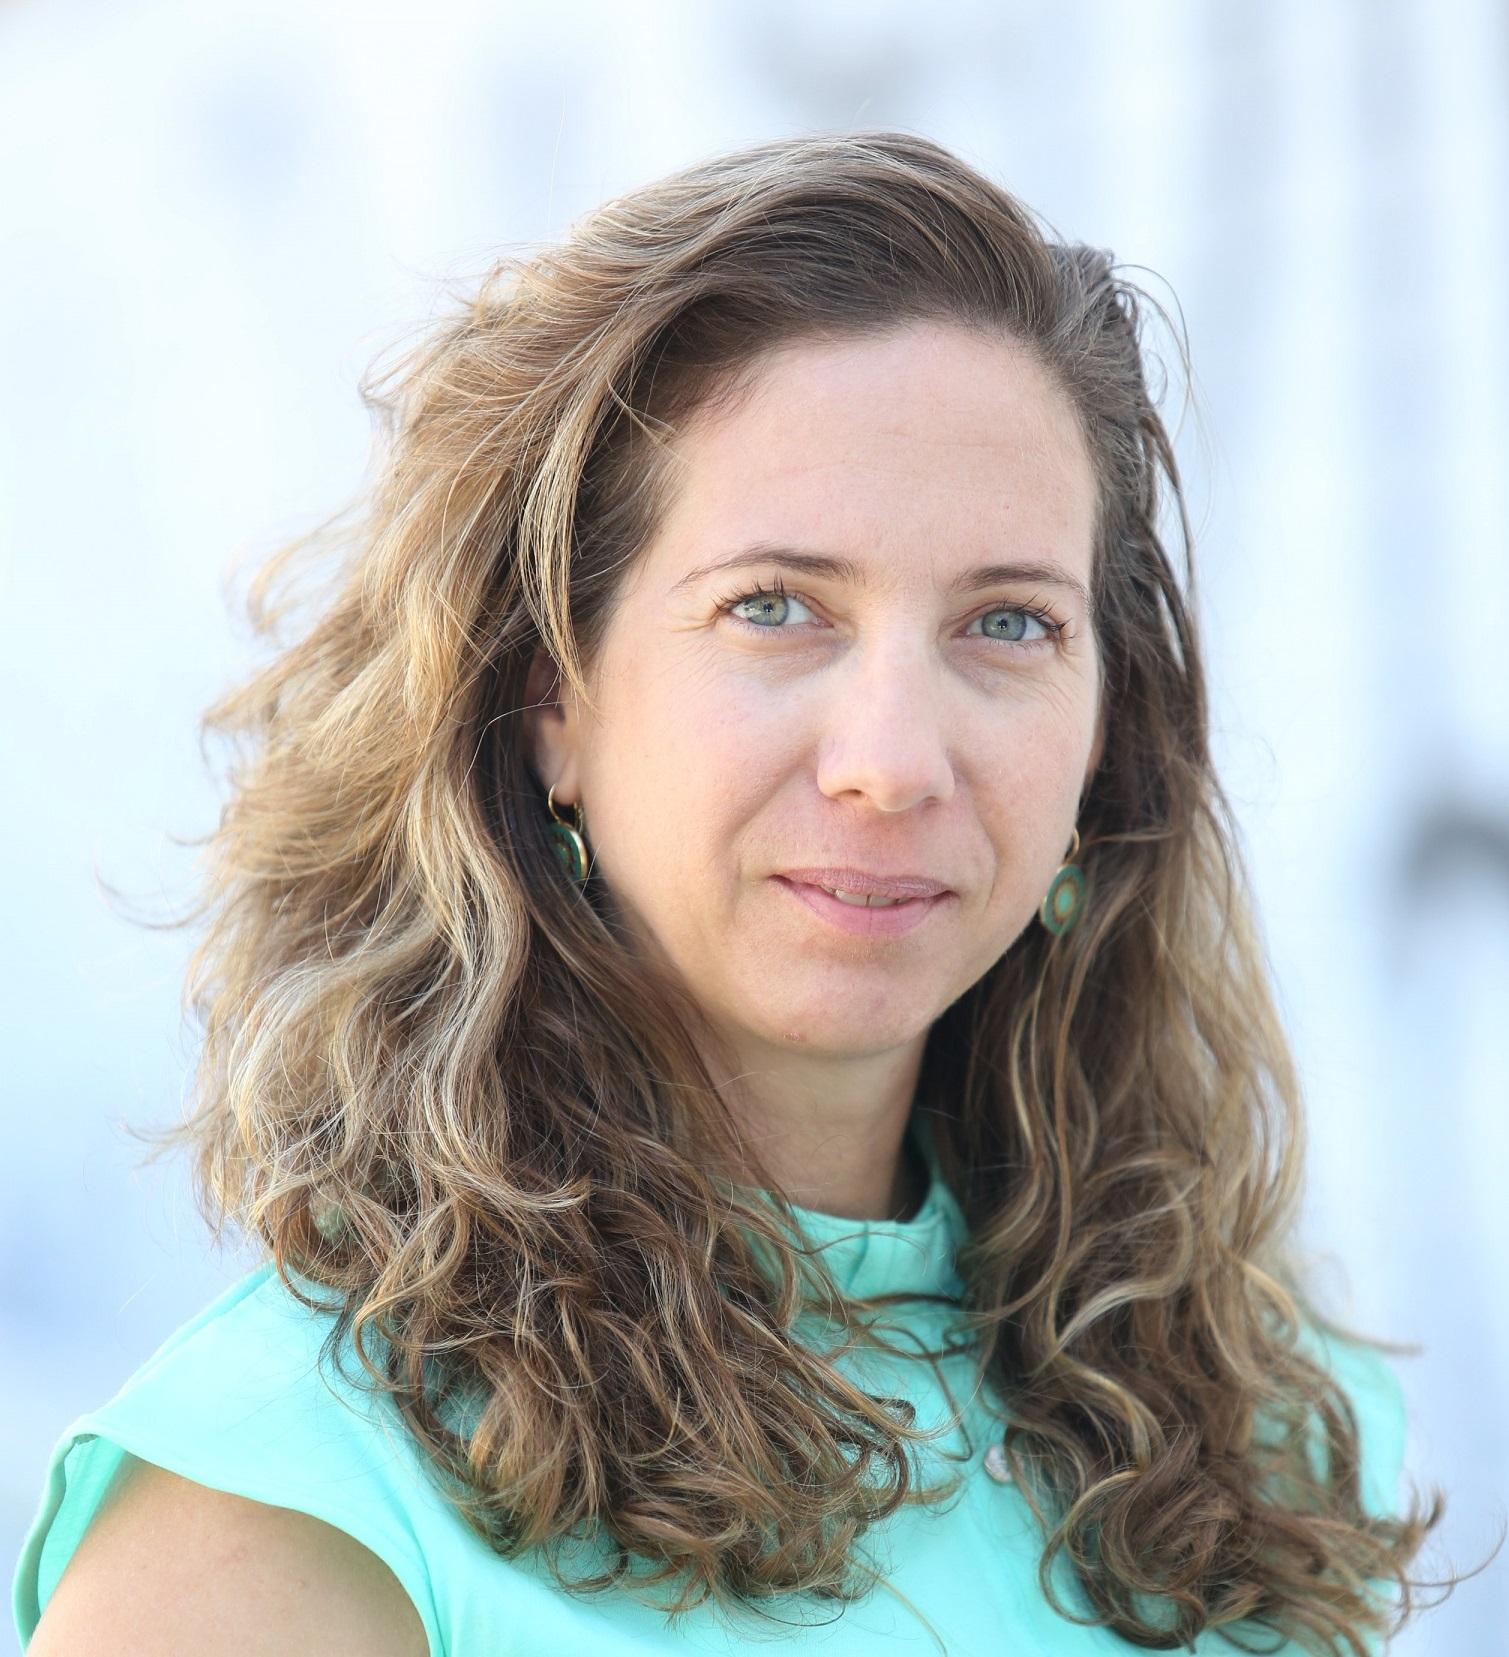 Dr. Neta Lipman